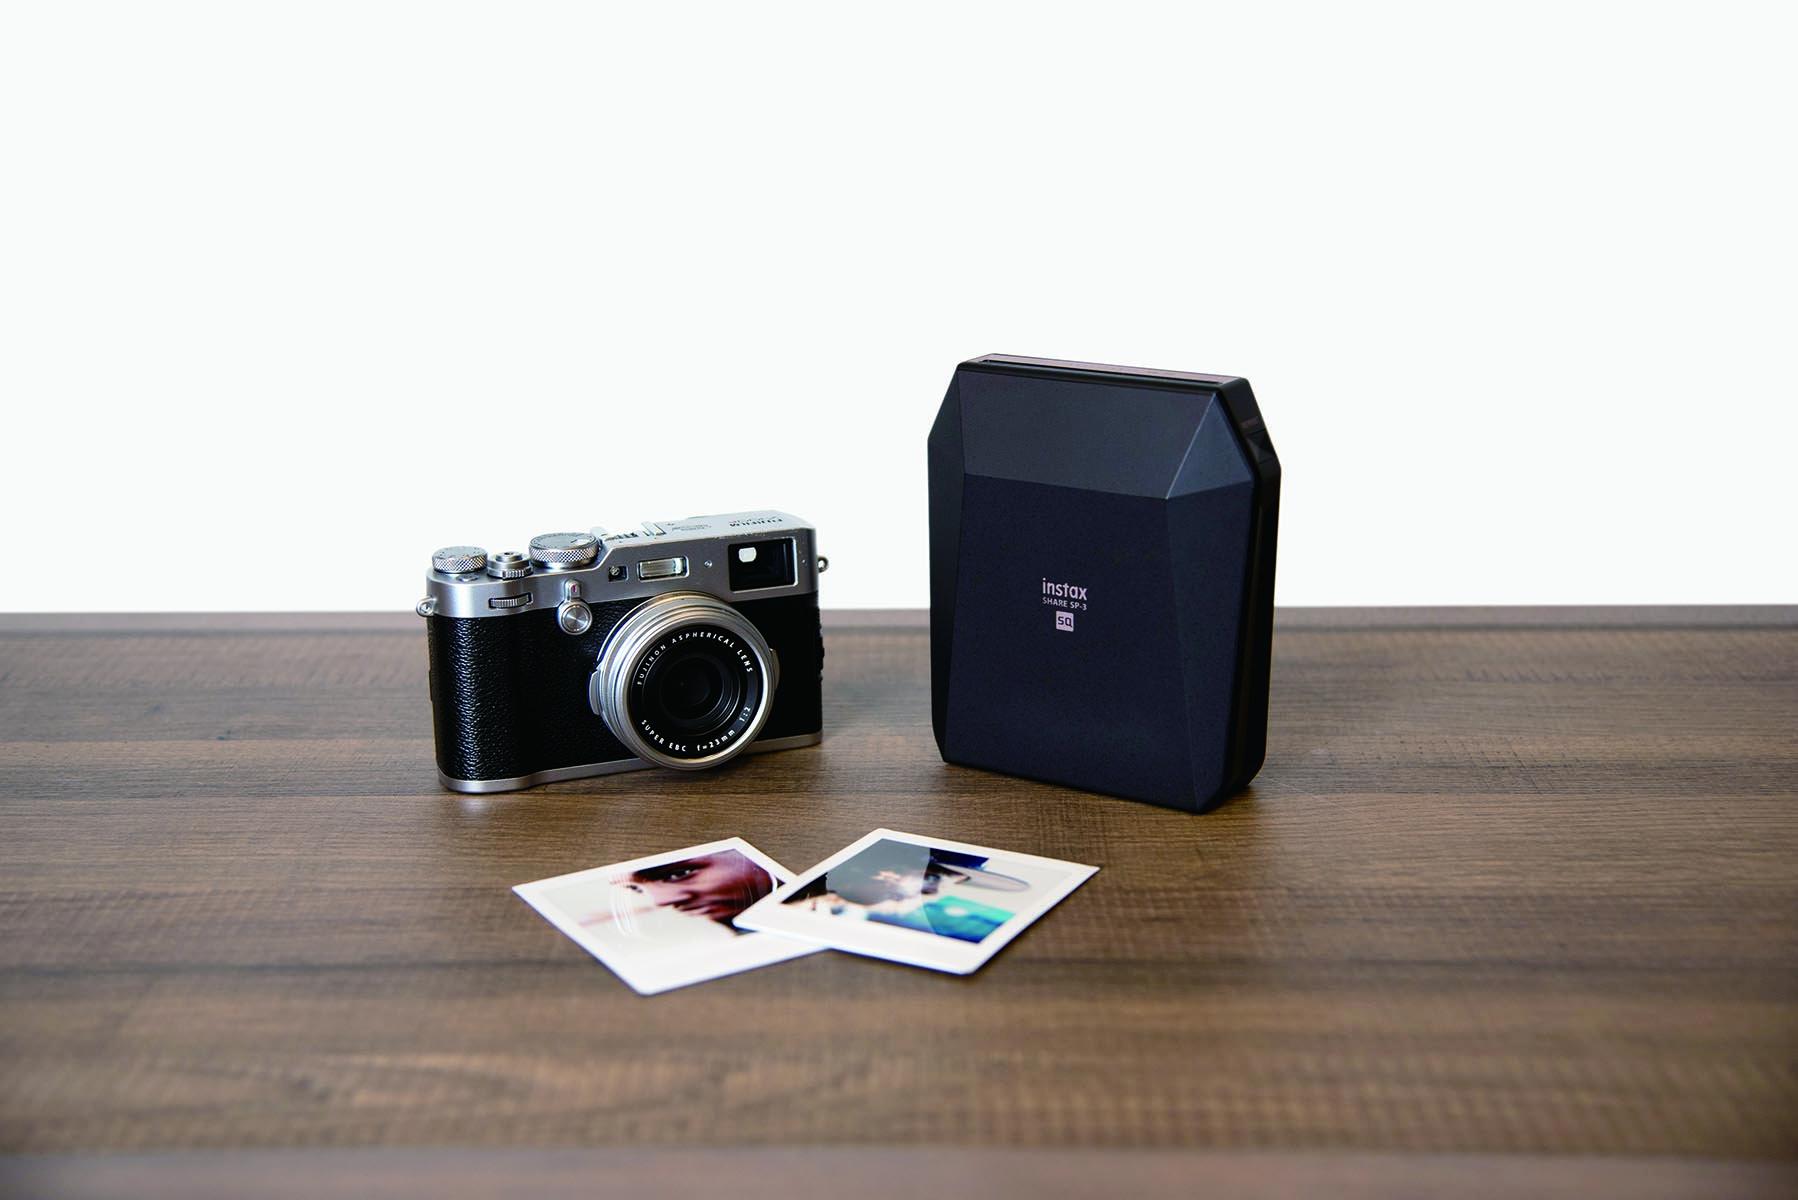 富士推出方正相紙印相機 Instax SHARE SP-3 , 13 秒就可將手機影像變成照片